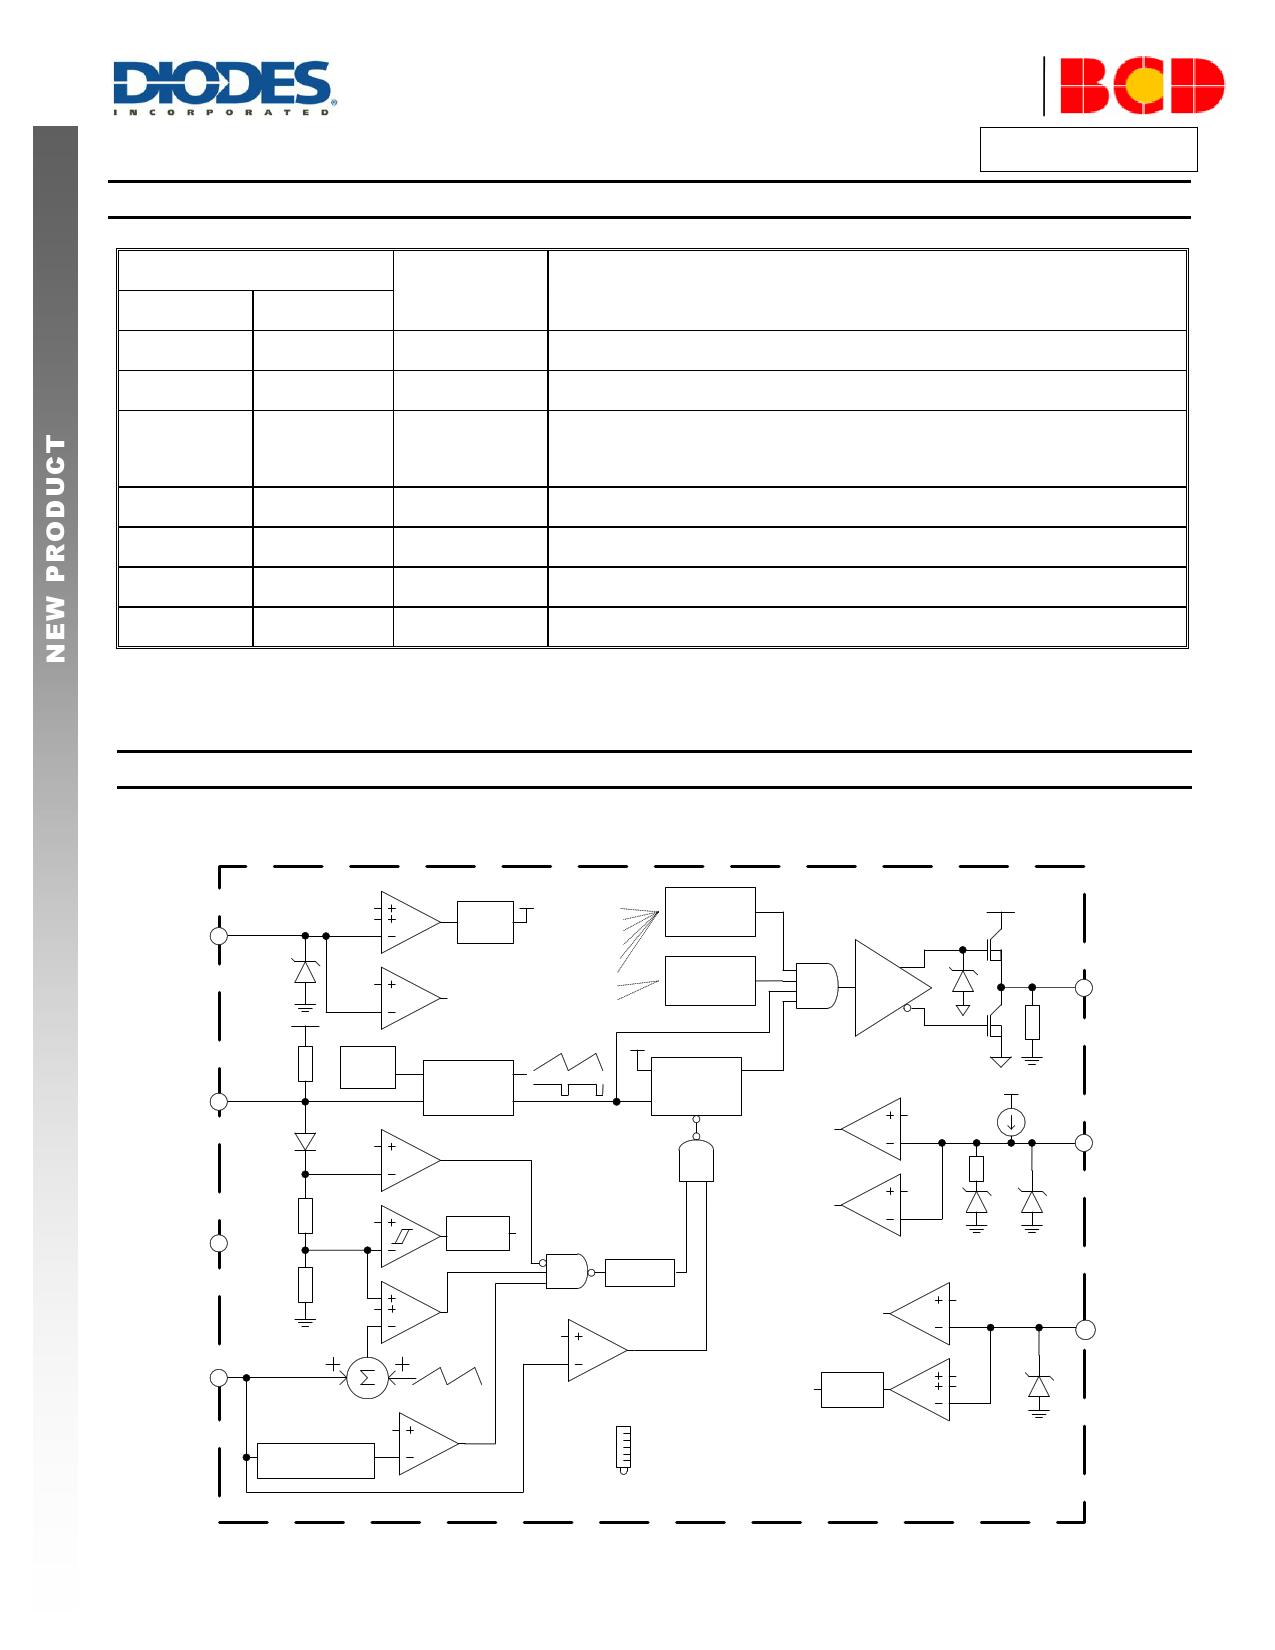 AP3125HA pdf, 電子部品, 半導体, ピン配列